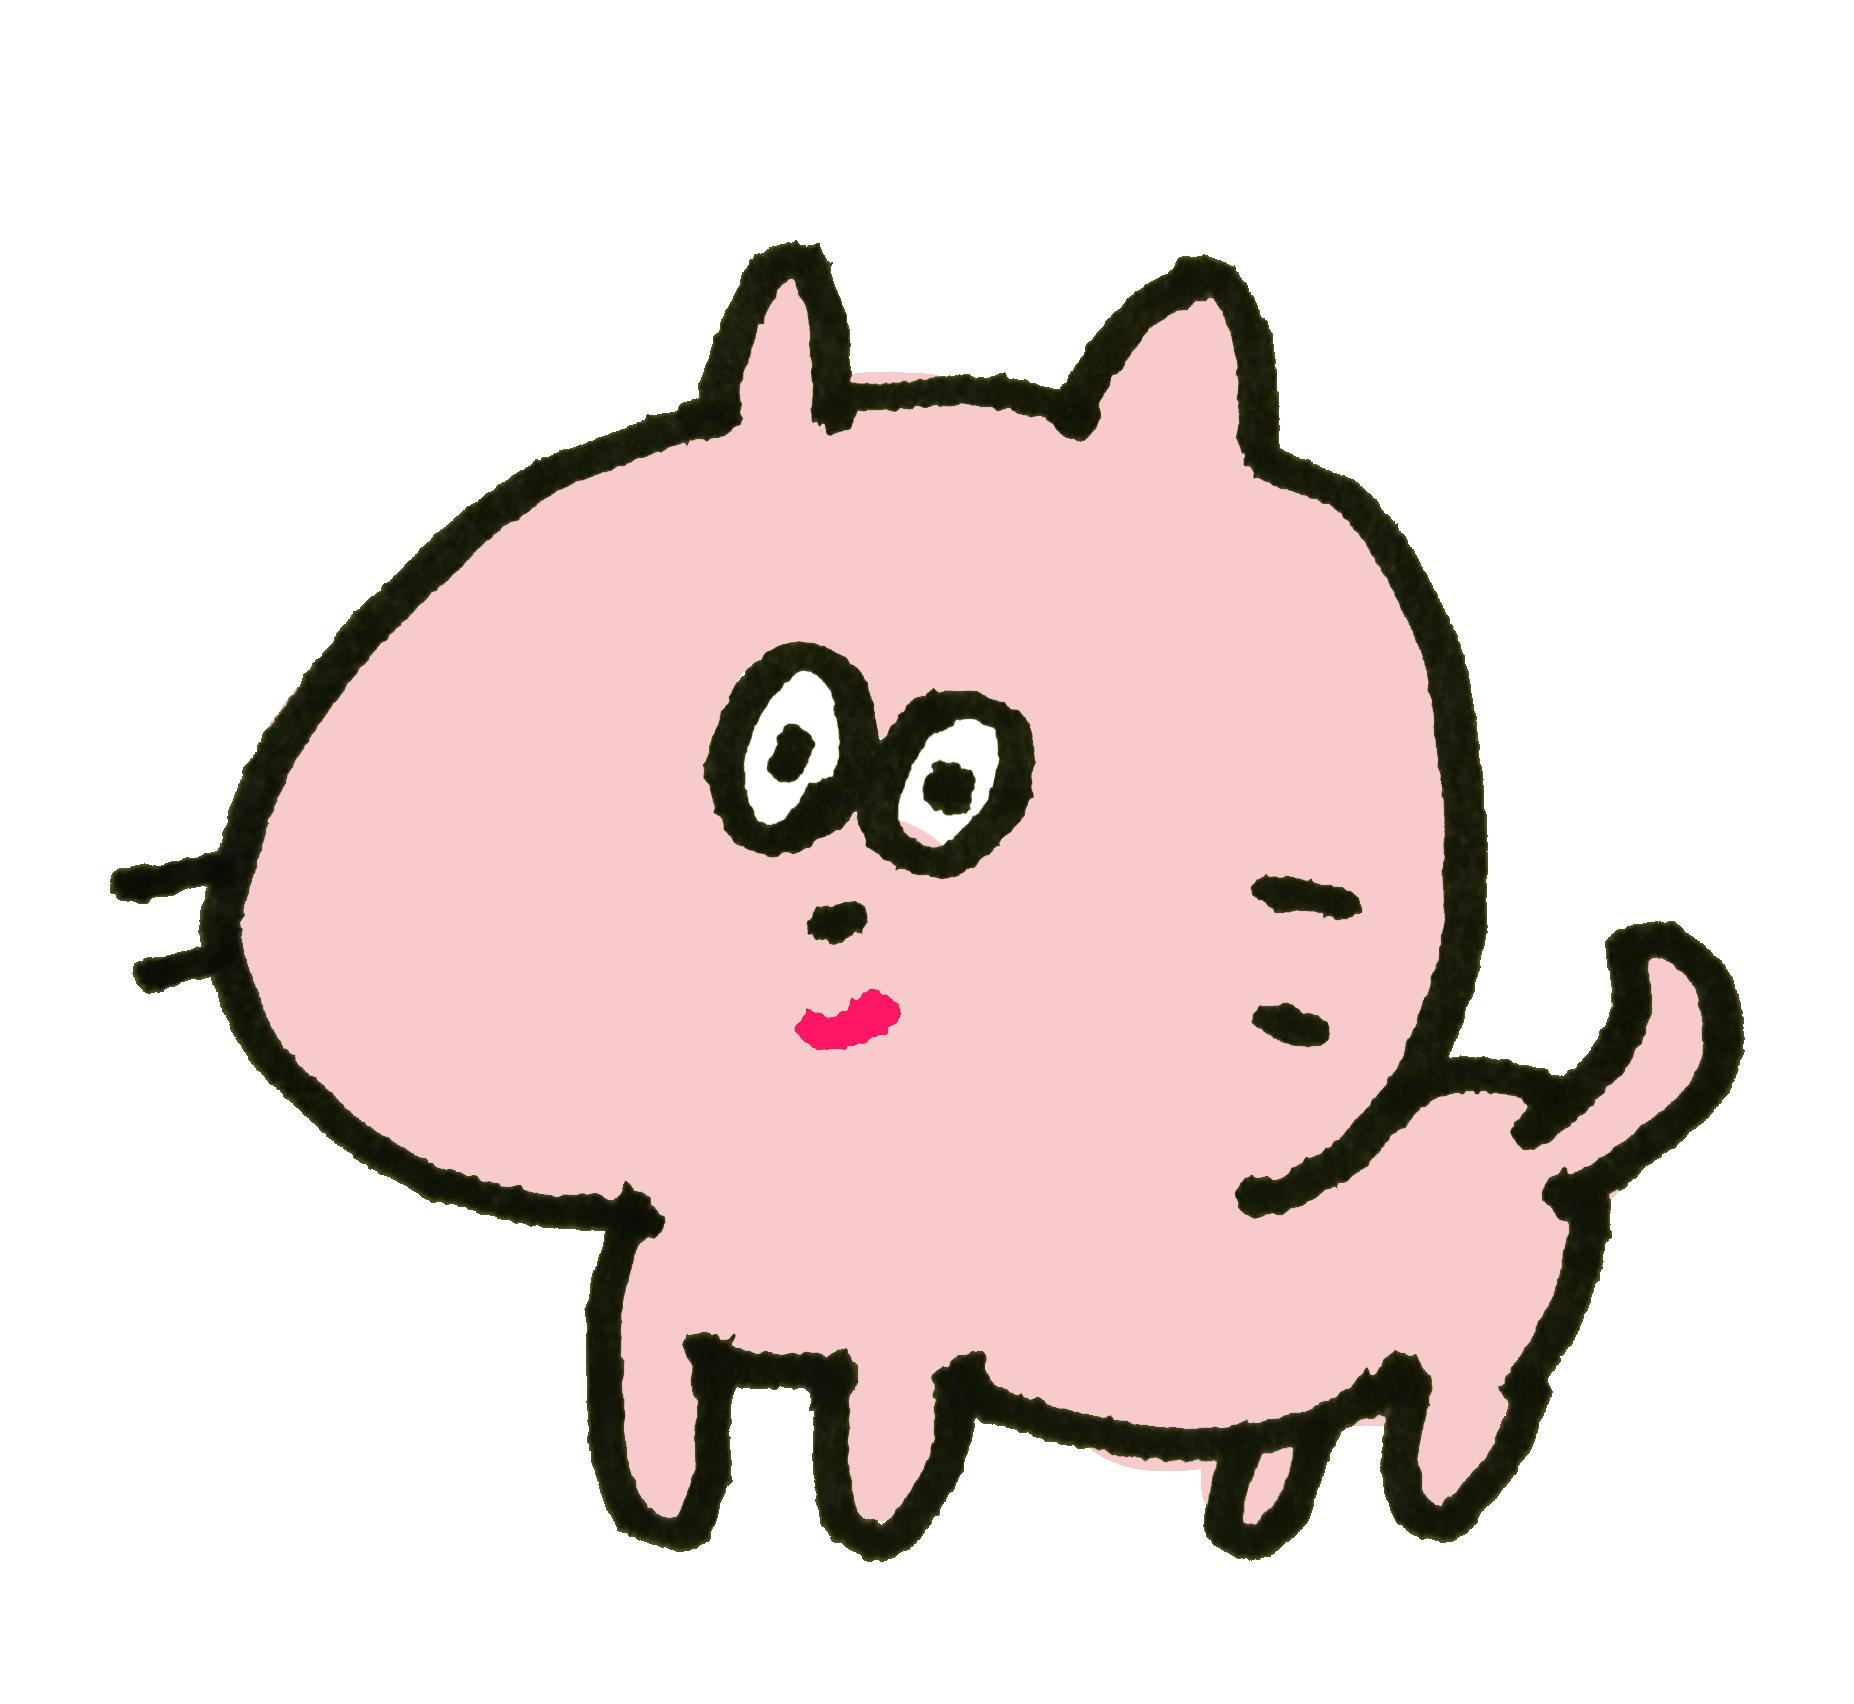 目の丸いピンクの猫